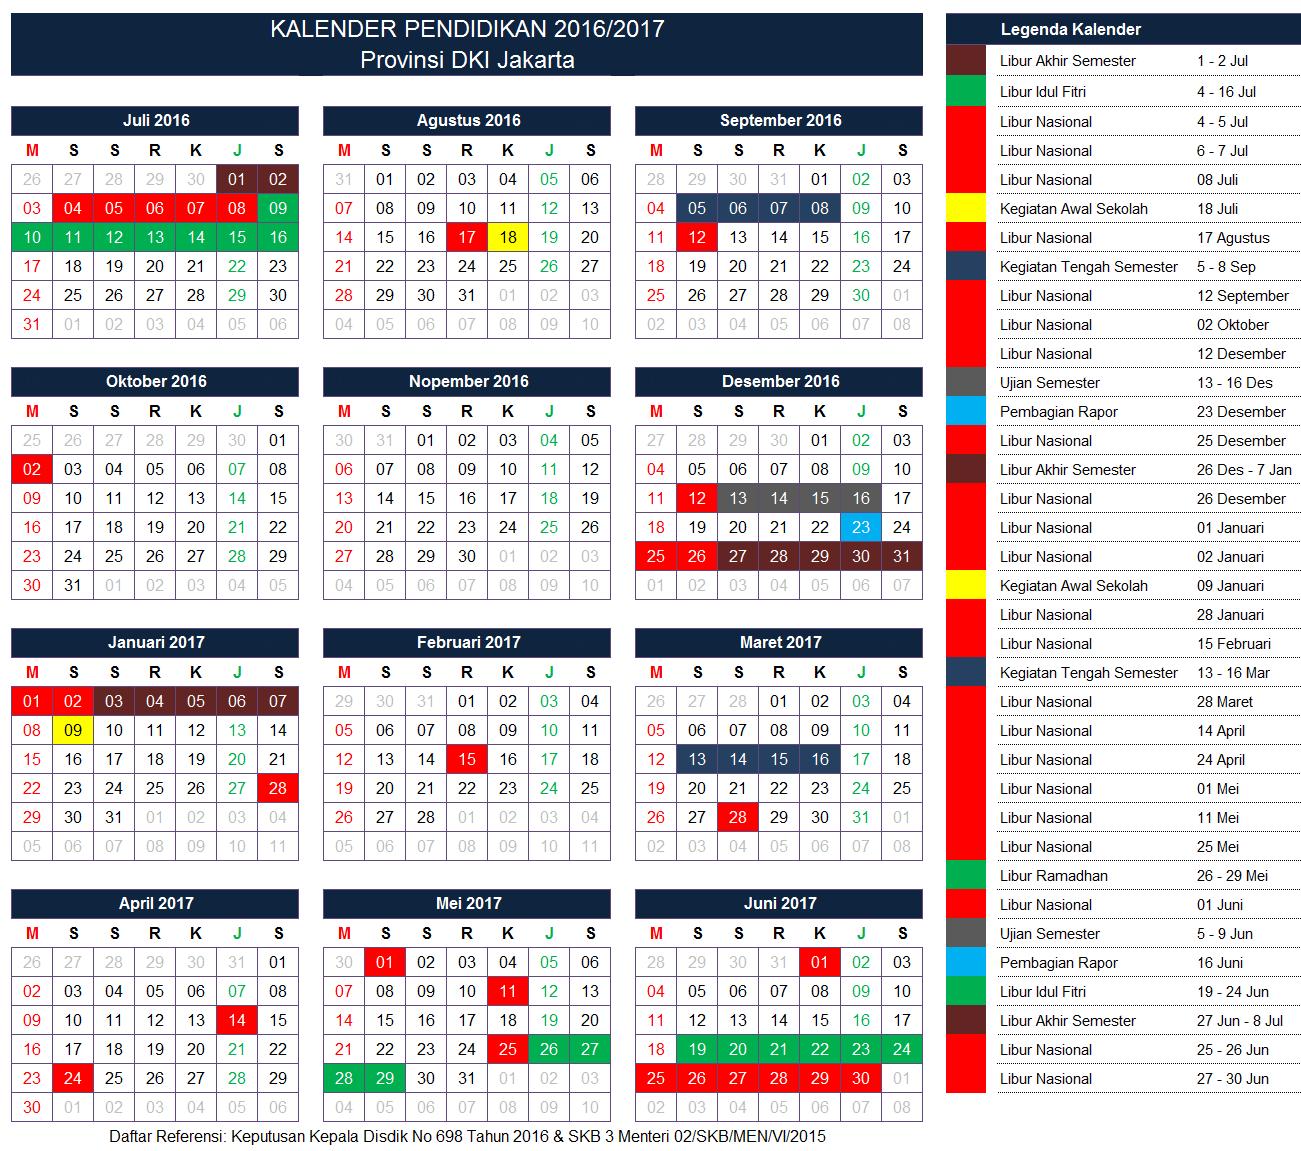 Kalender Pendidikan Provinsi DKI Jakarta